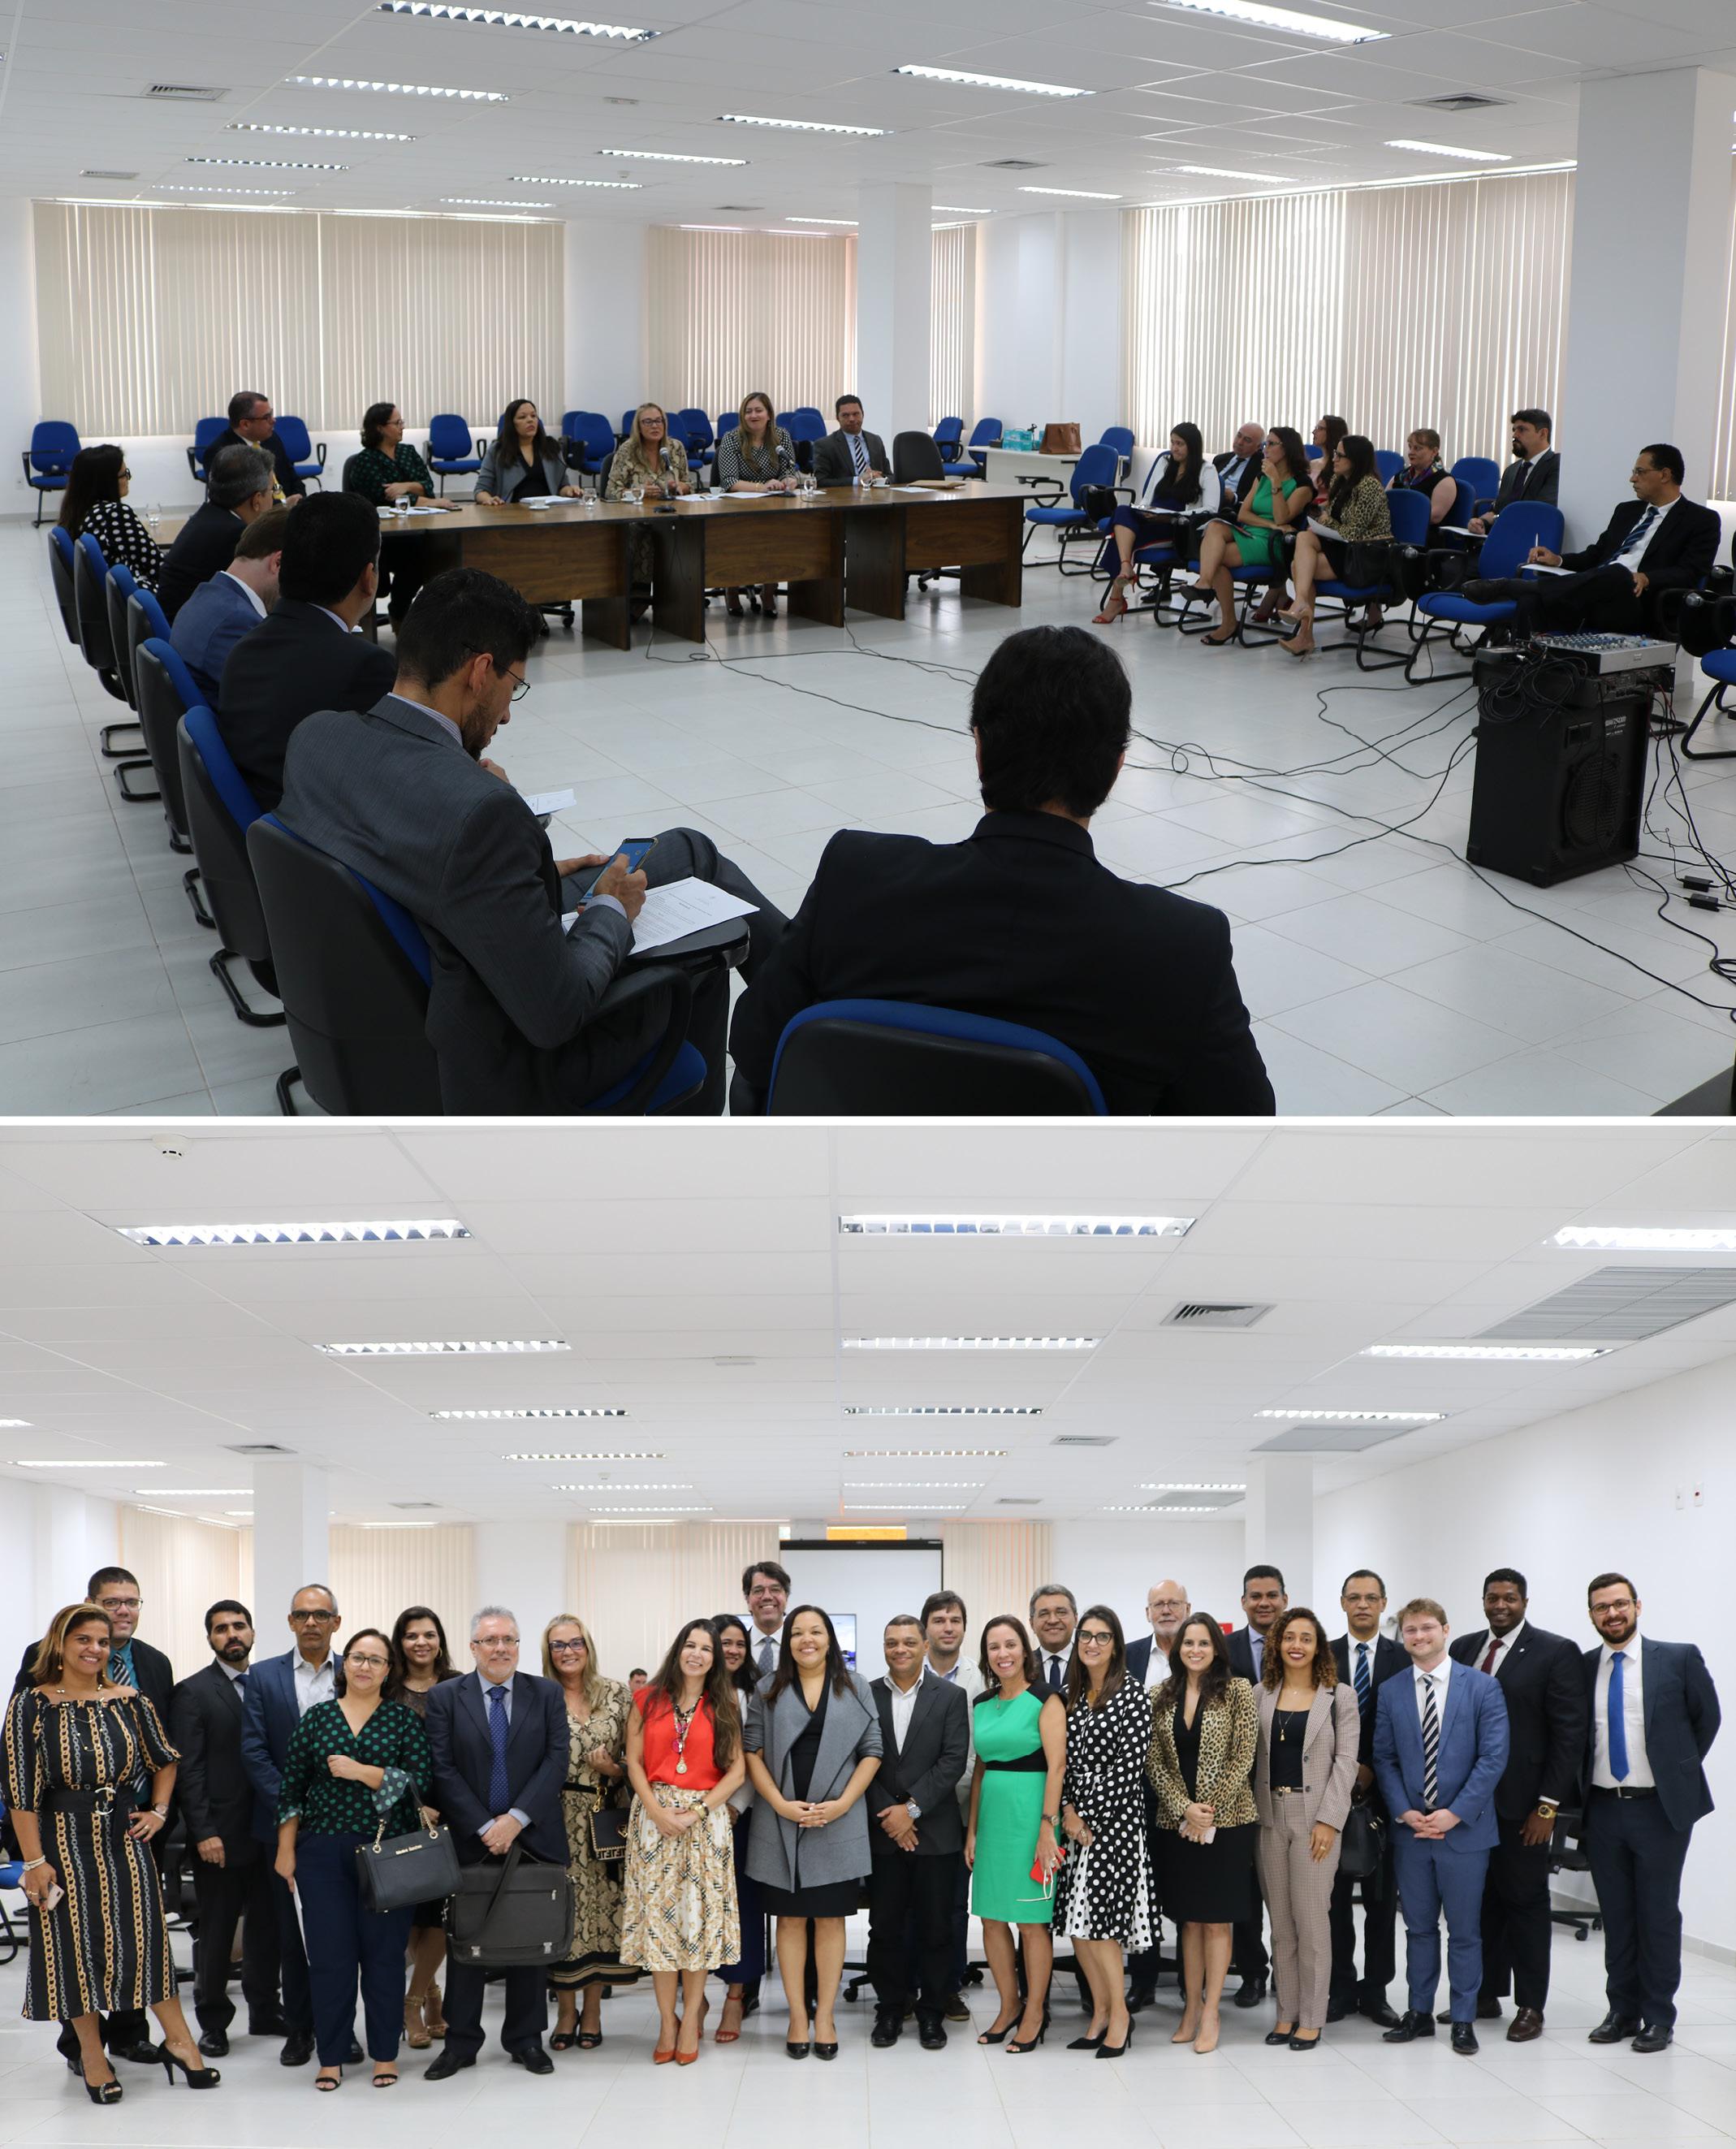 INSTITUCIONAL:  Justiça Federal da Bahia discute melhorias para os Juizados federais do estado no I Forjef/BA